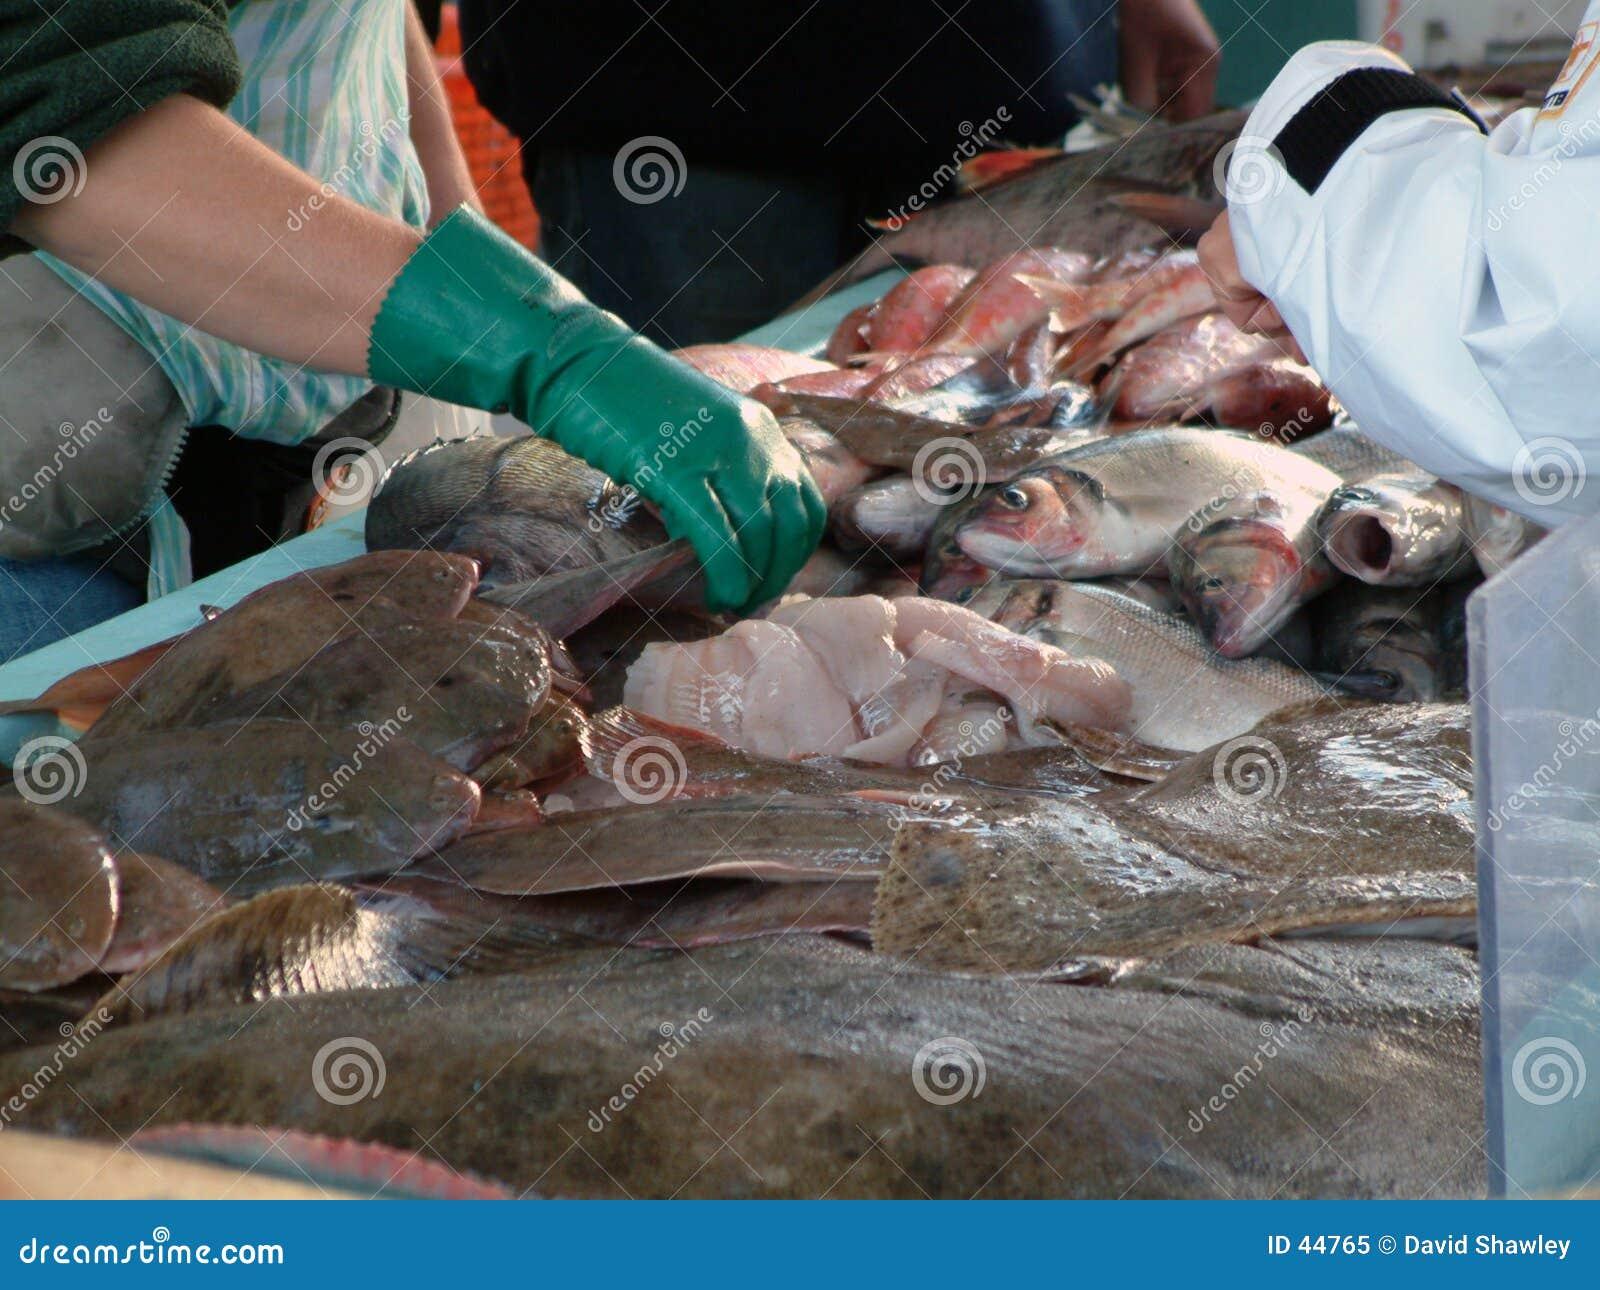 Download Mercado de pescados imagen de archivo. Imagen de pescados - 44765